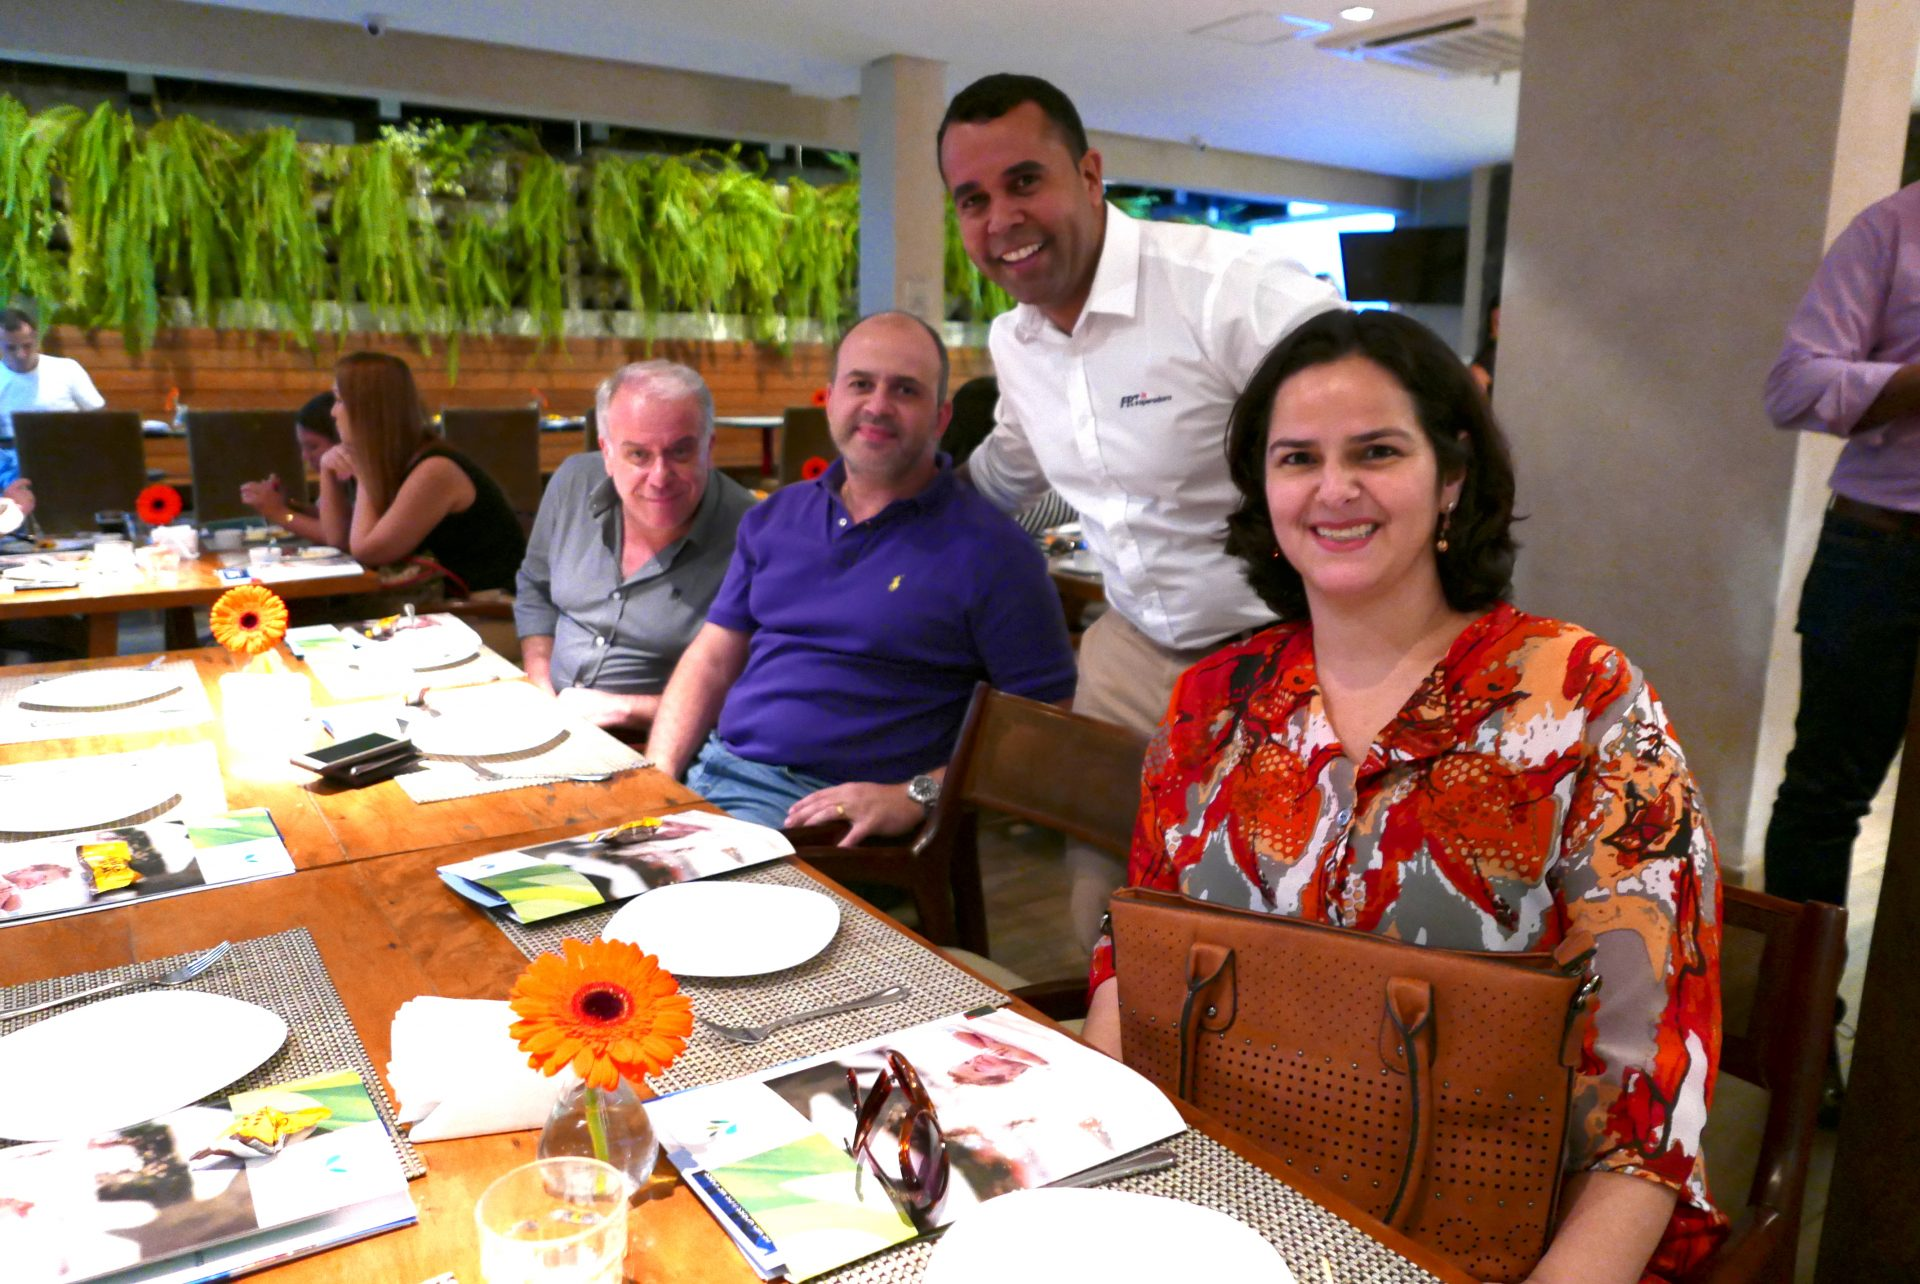 Raquel Barros, da Roteiros Tour; Joãozinho Cruz, da FRT; Fabrício Fidelis, da Traveltour, e César Neves, da Speed System